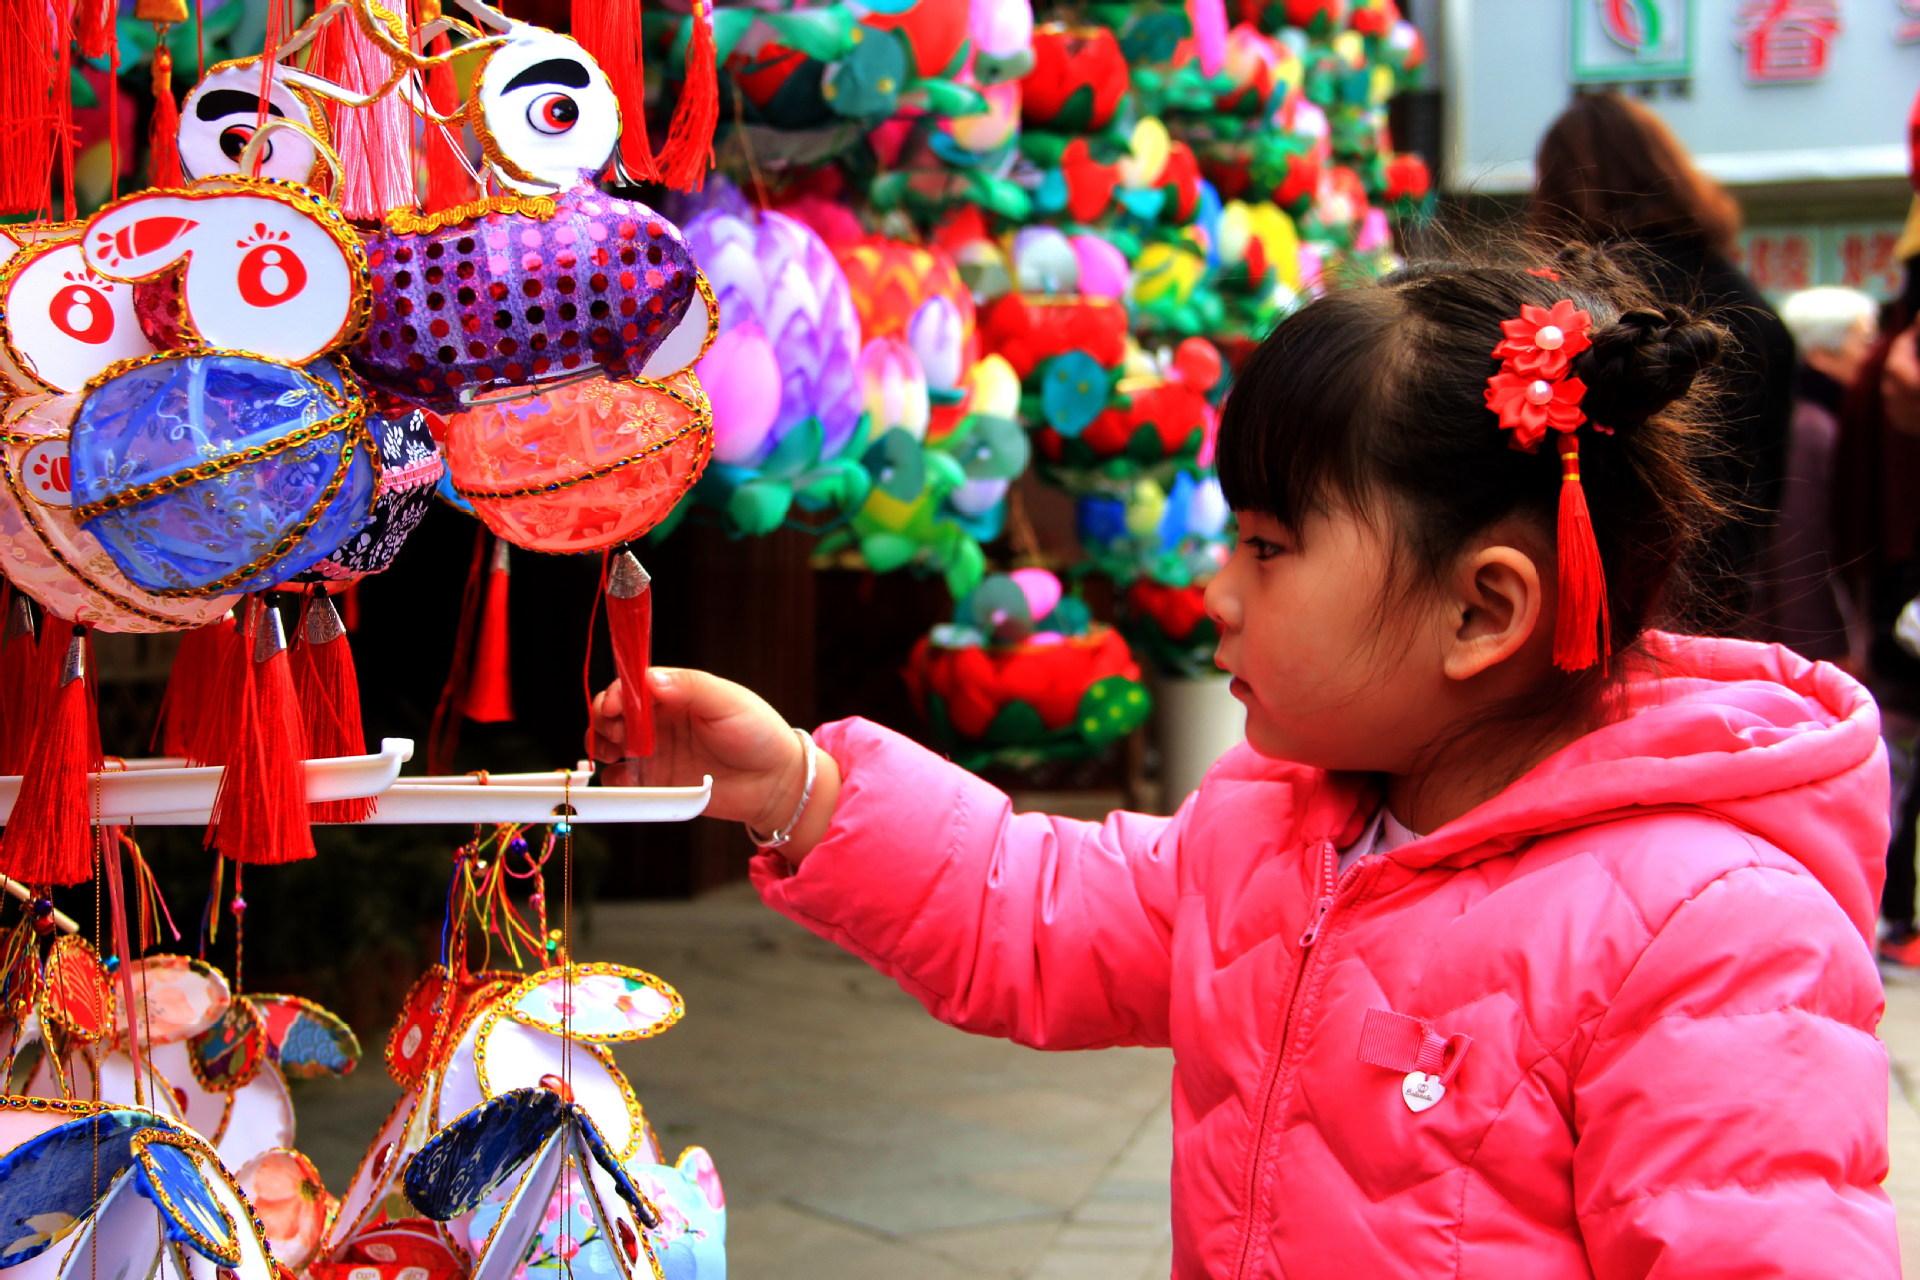 2021年2月16日是农历大年初五,南京市,游人来到夫子庙景区观光,欢度新春佳节。 杨素平 摄